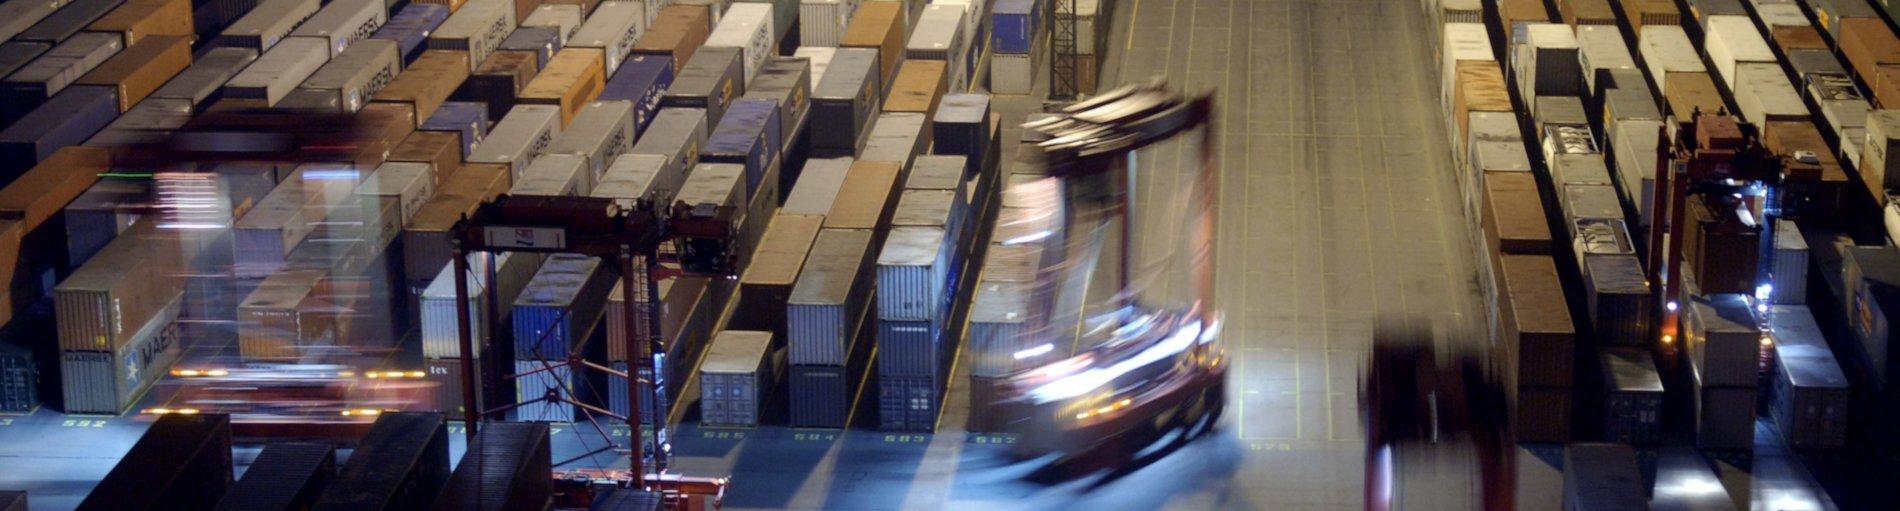 Fahrender Stapler im Containerterminal bei Nacht